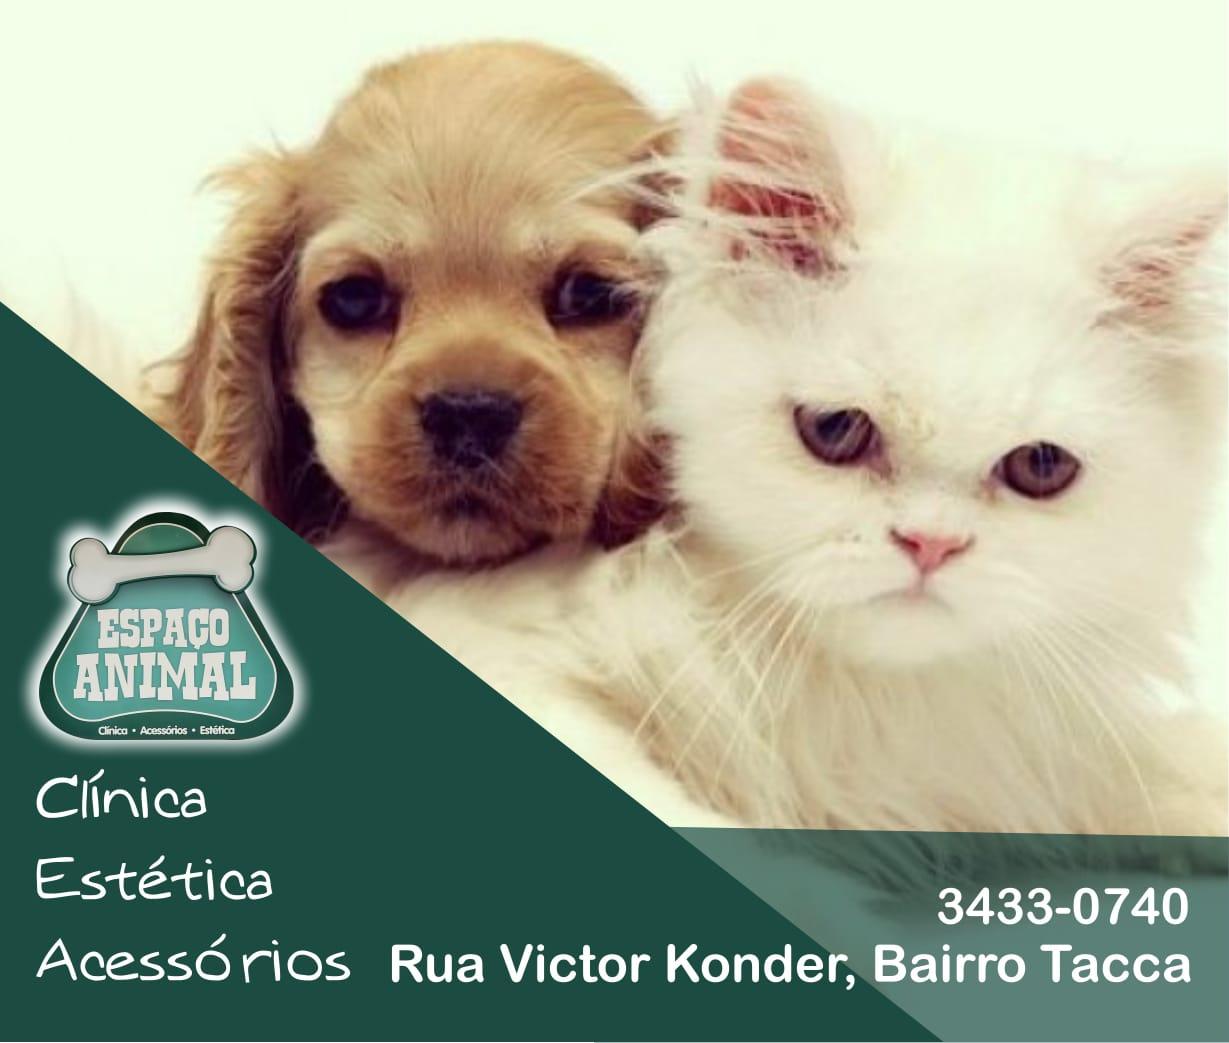 Espaço Animal Pet Shop